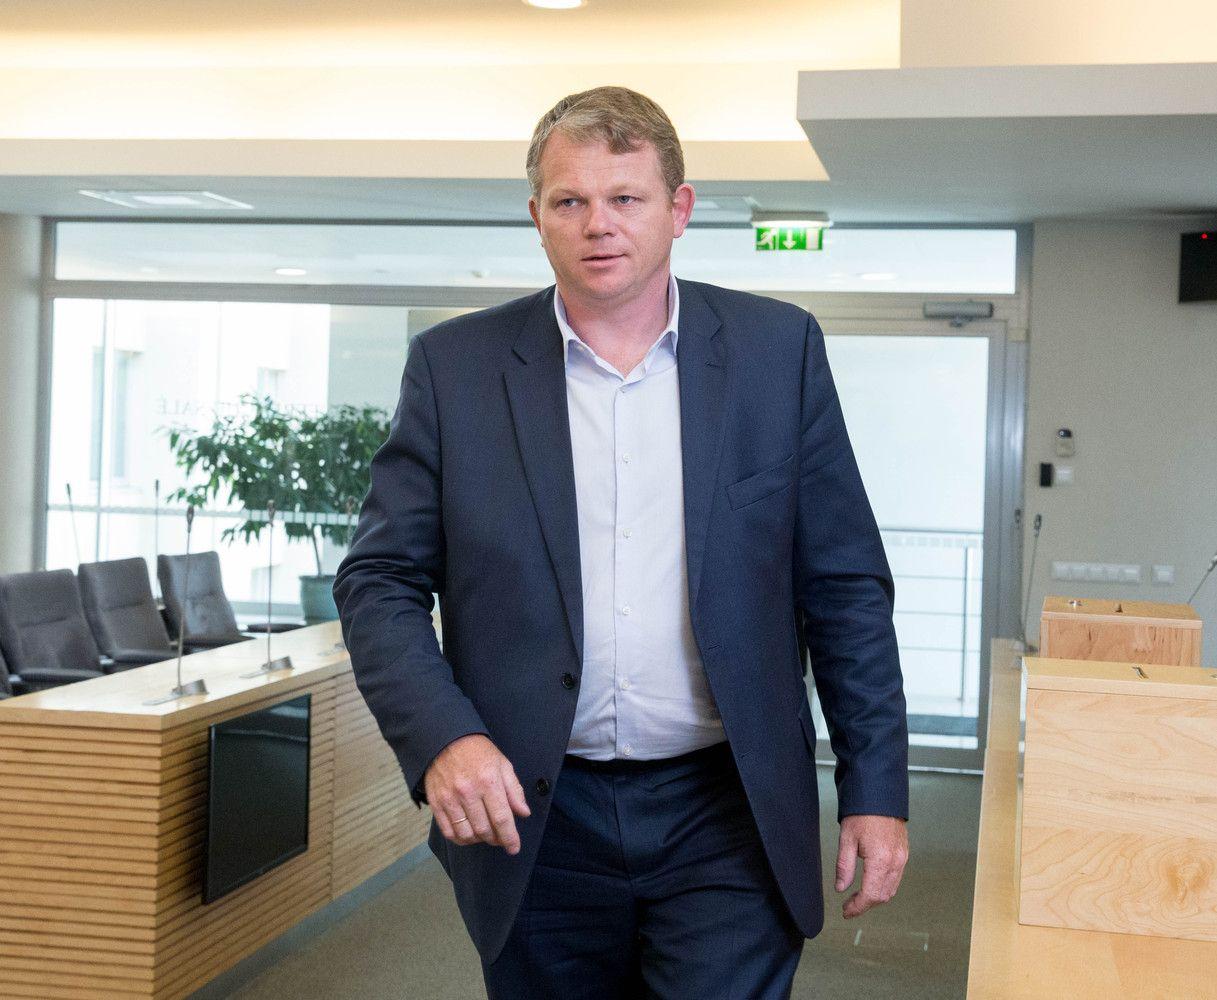 Dalis socialdemokratų su LVŽS nori susitarti Seimo, ne partijų lygyje